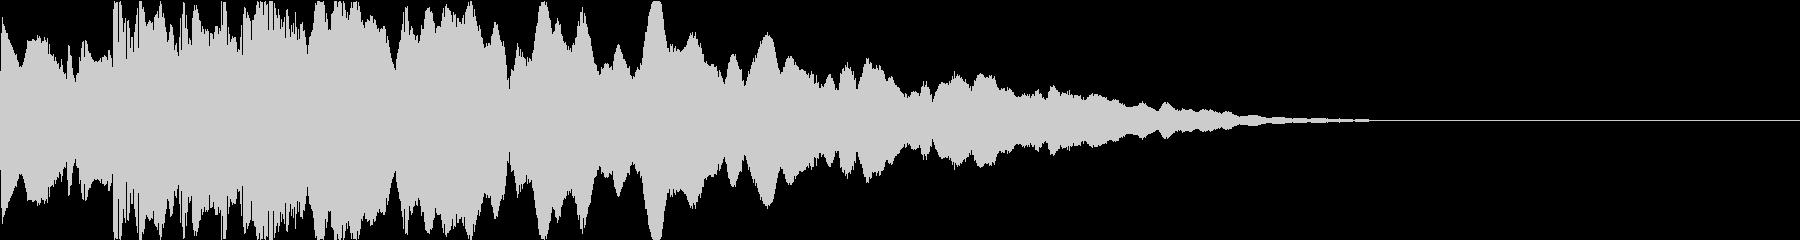 ピコーン:起動音・電子音cの未再生の波形